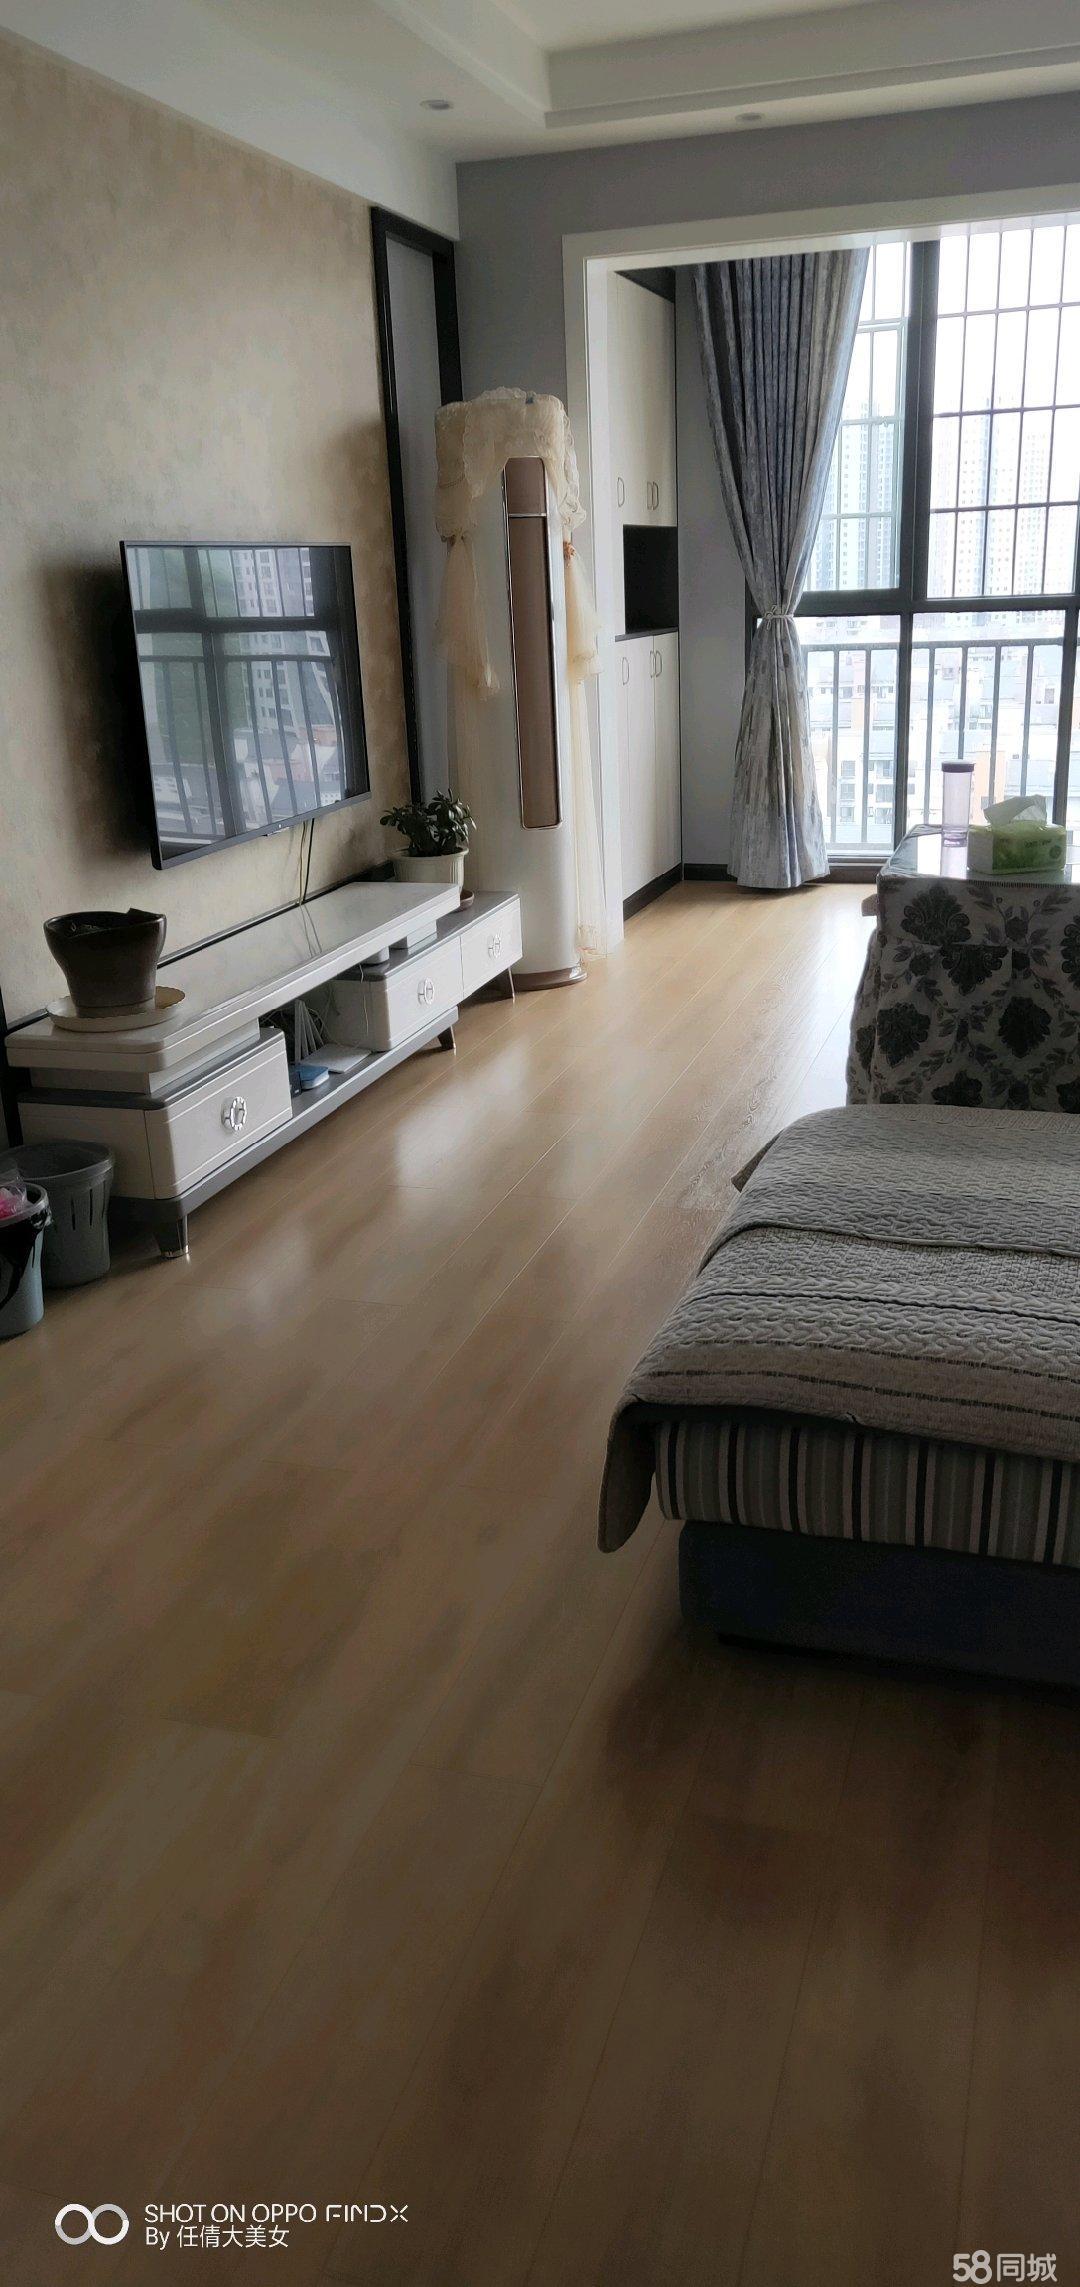 开磷城A区房屋出售,二室两厅